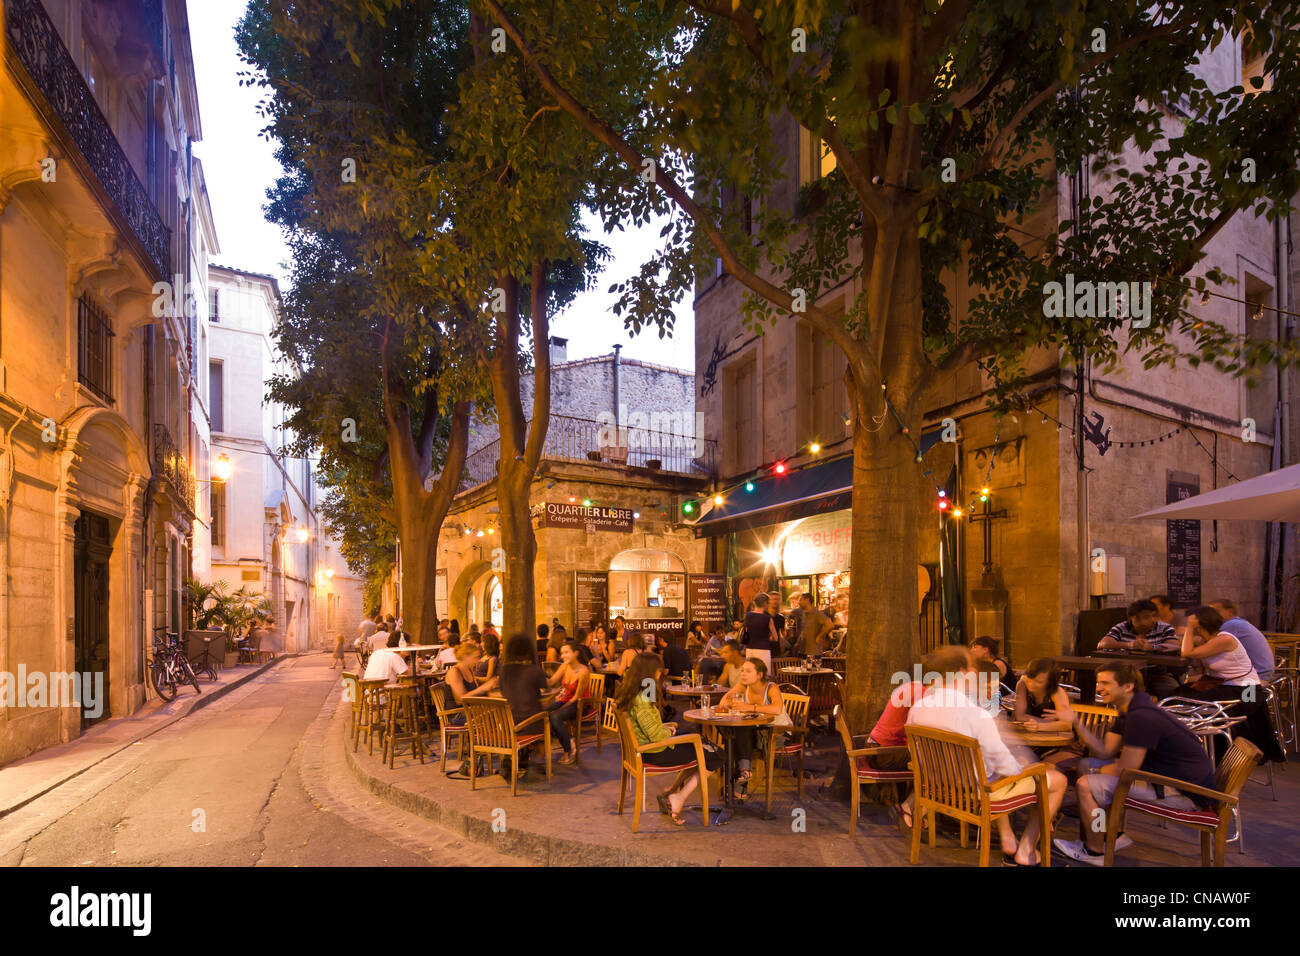 Caf Ef Bf Bd De La Place Restaurant Brasserie